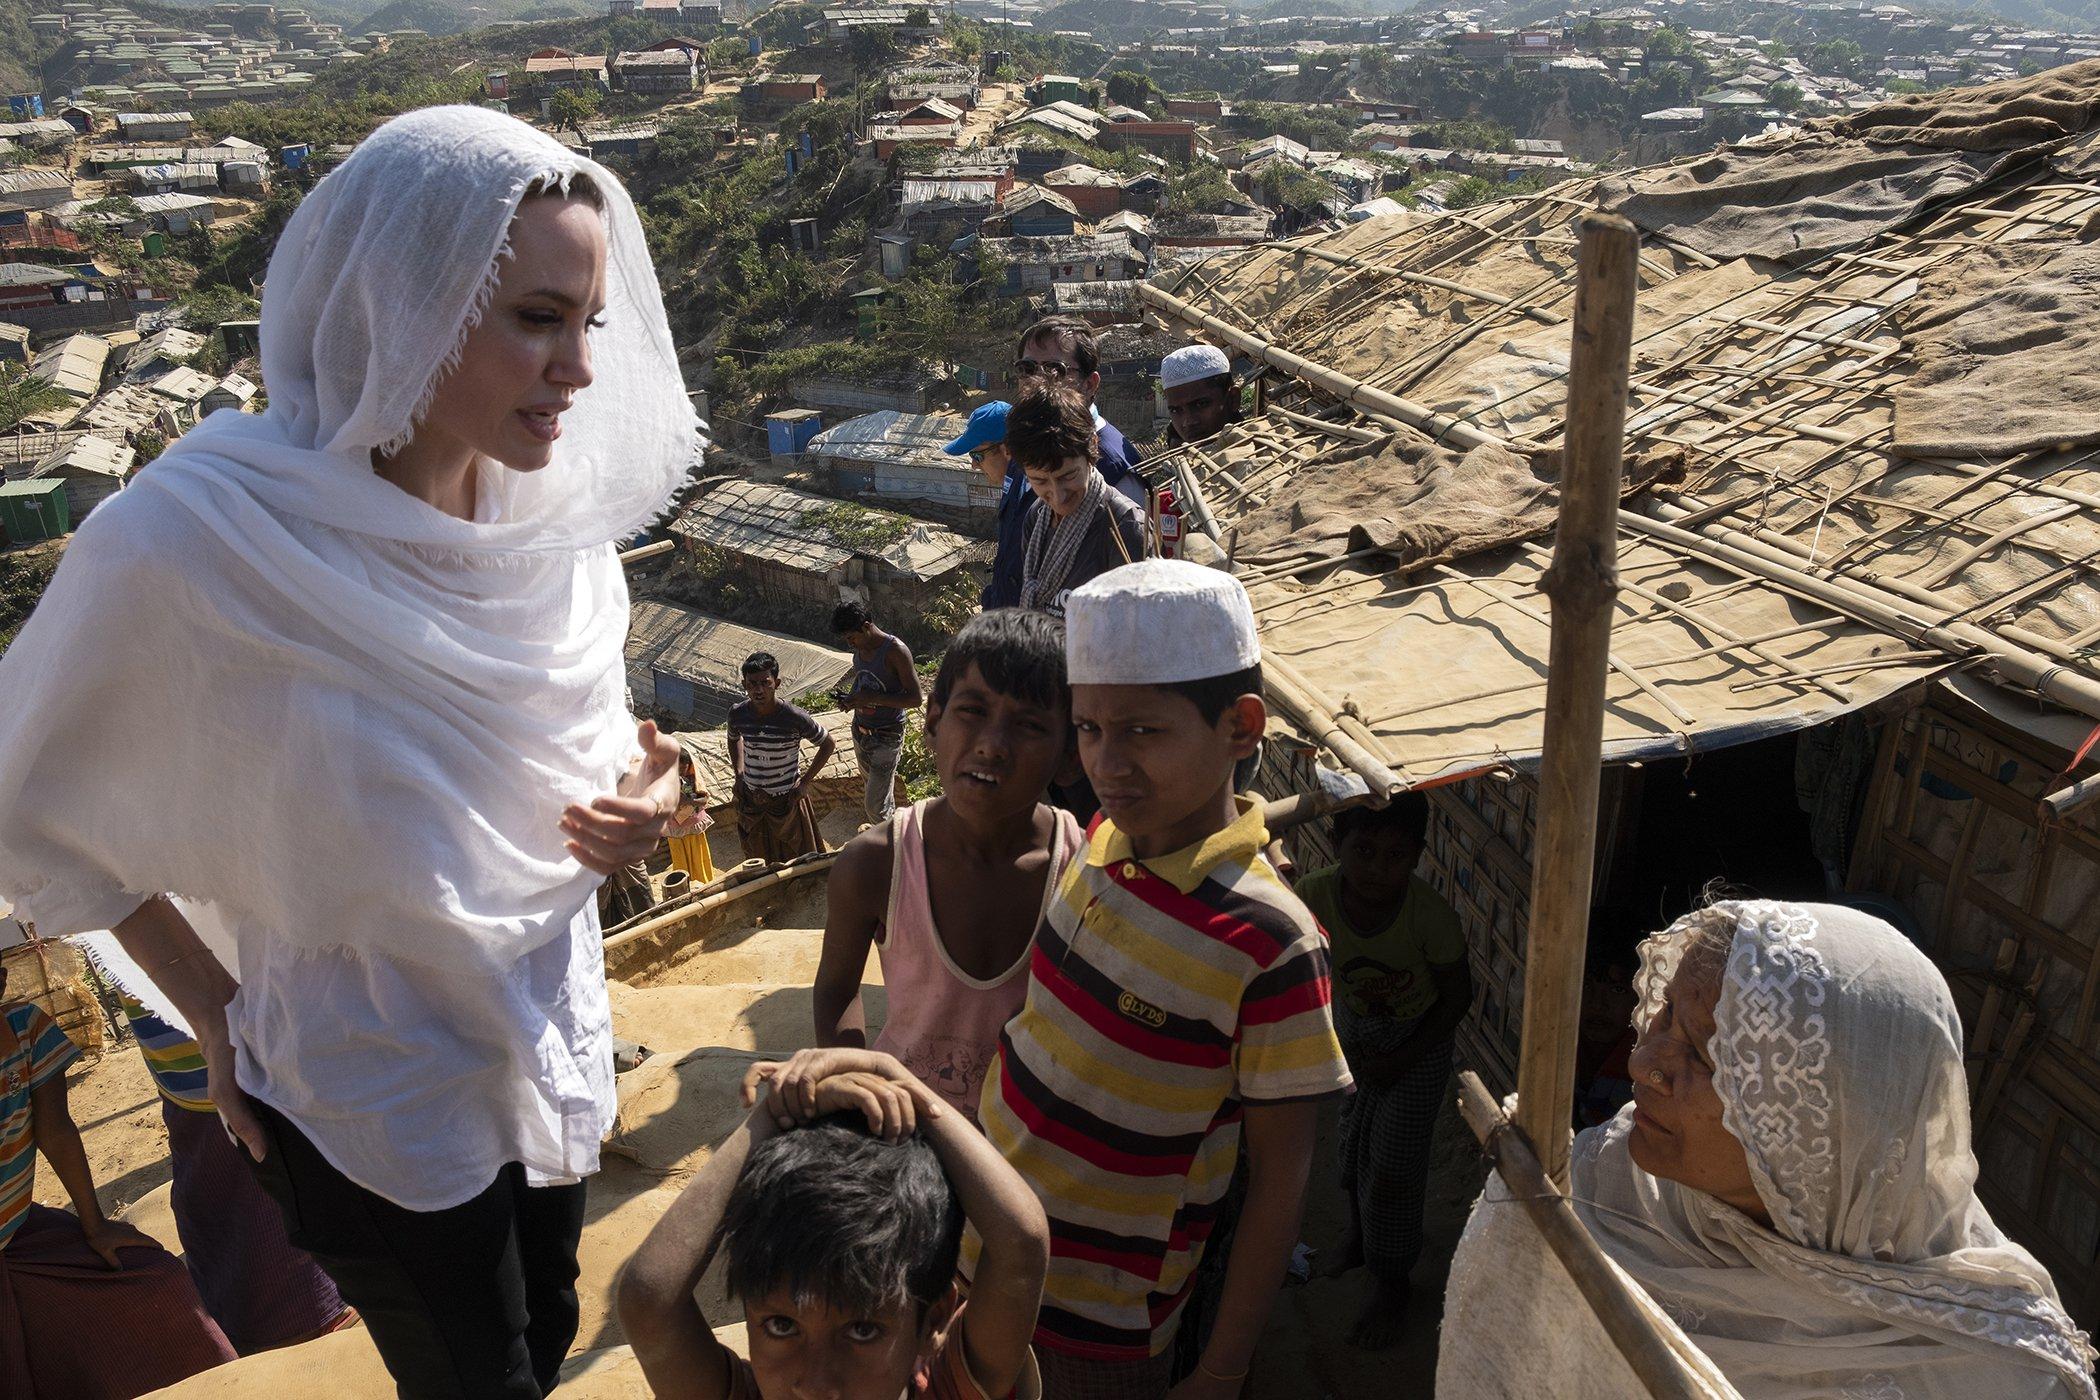 Angelina-Jolie-Rohingya-Crisis-UNHCR.jpg